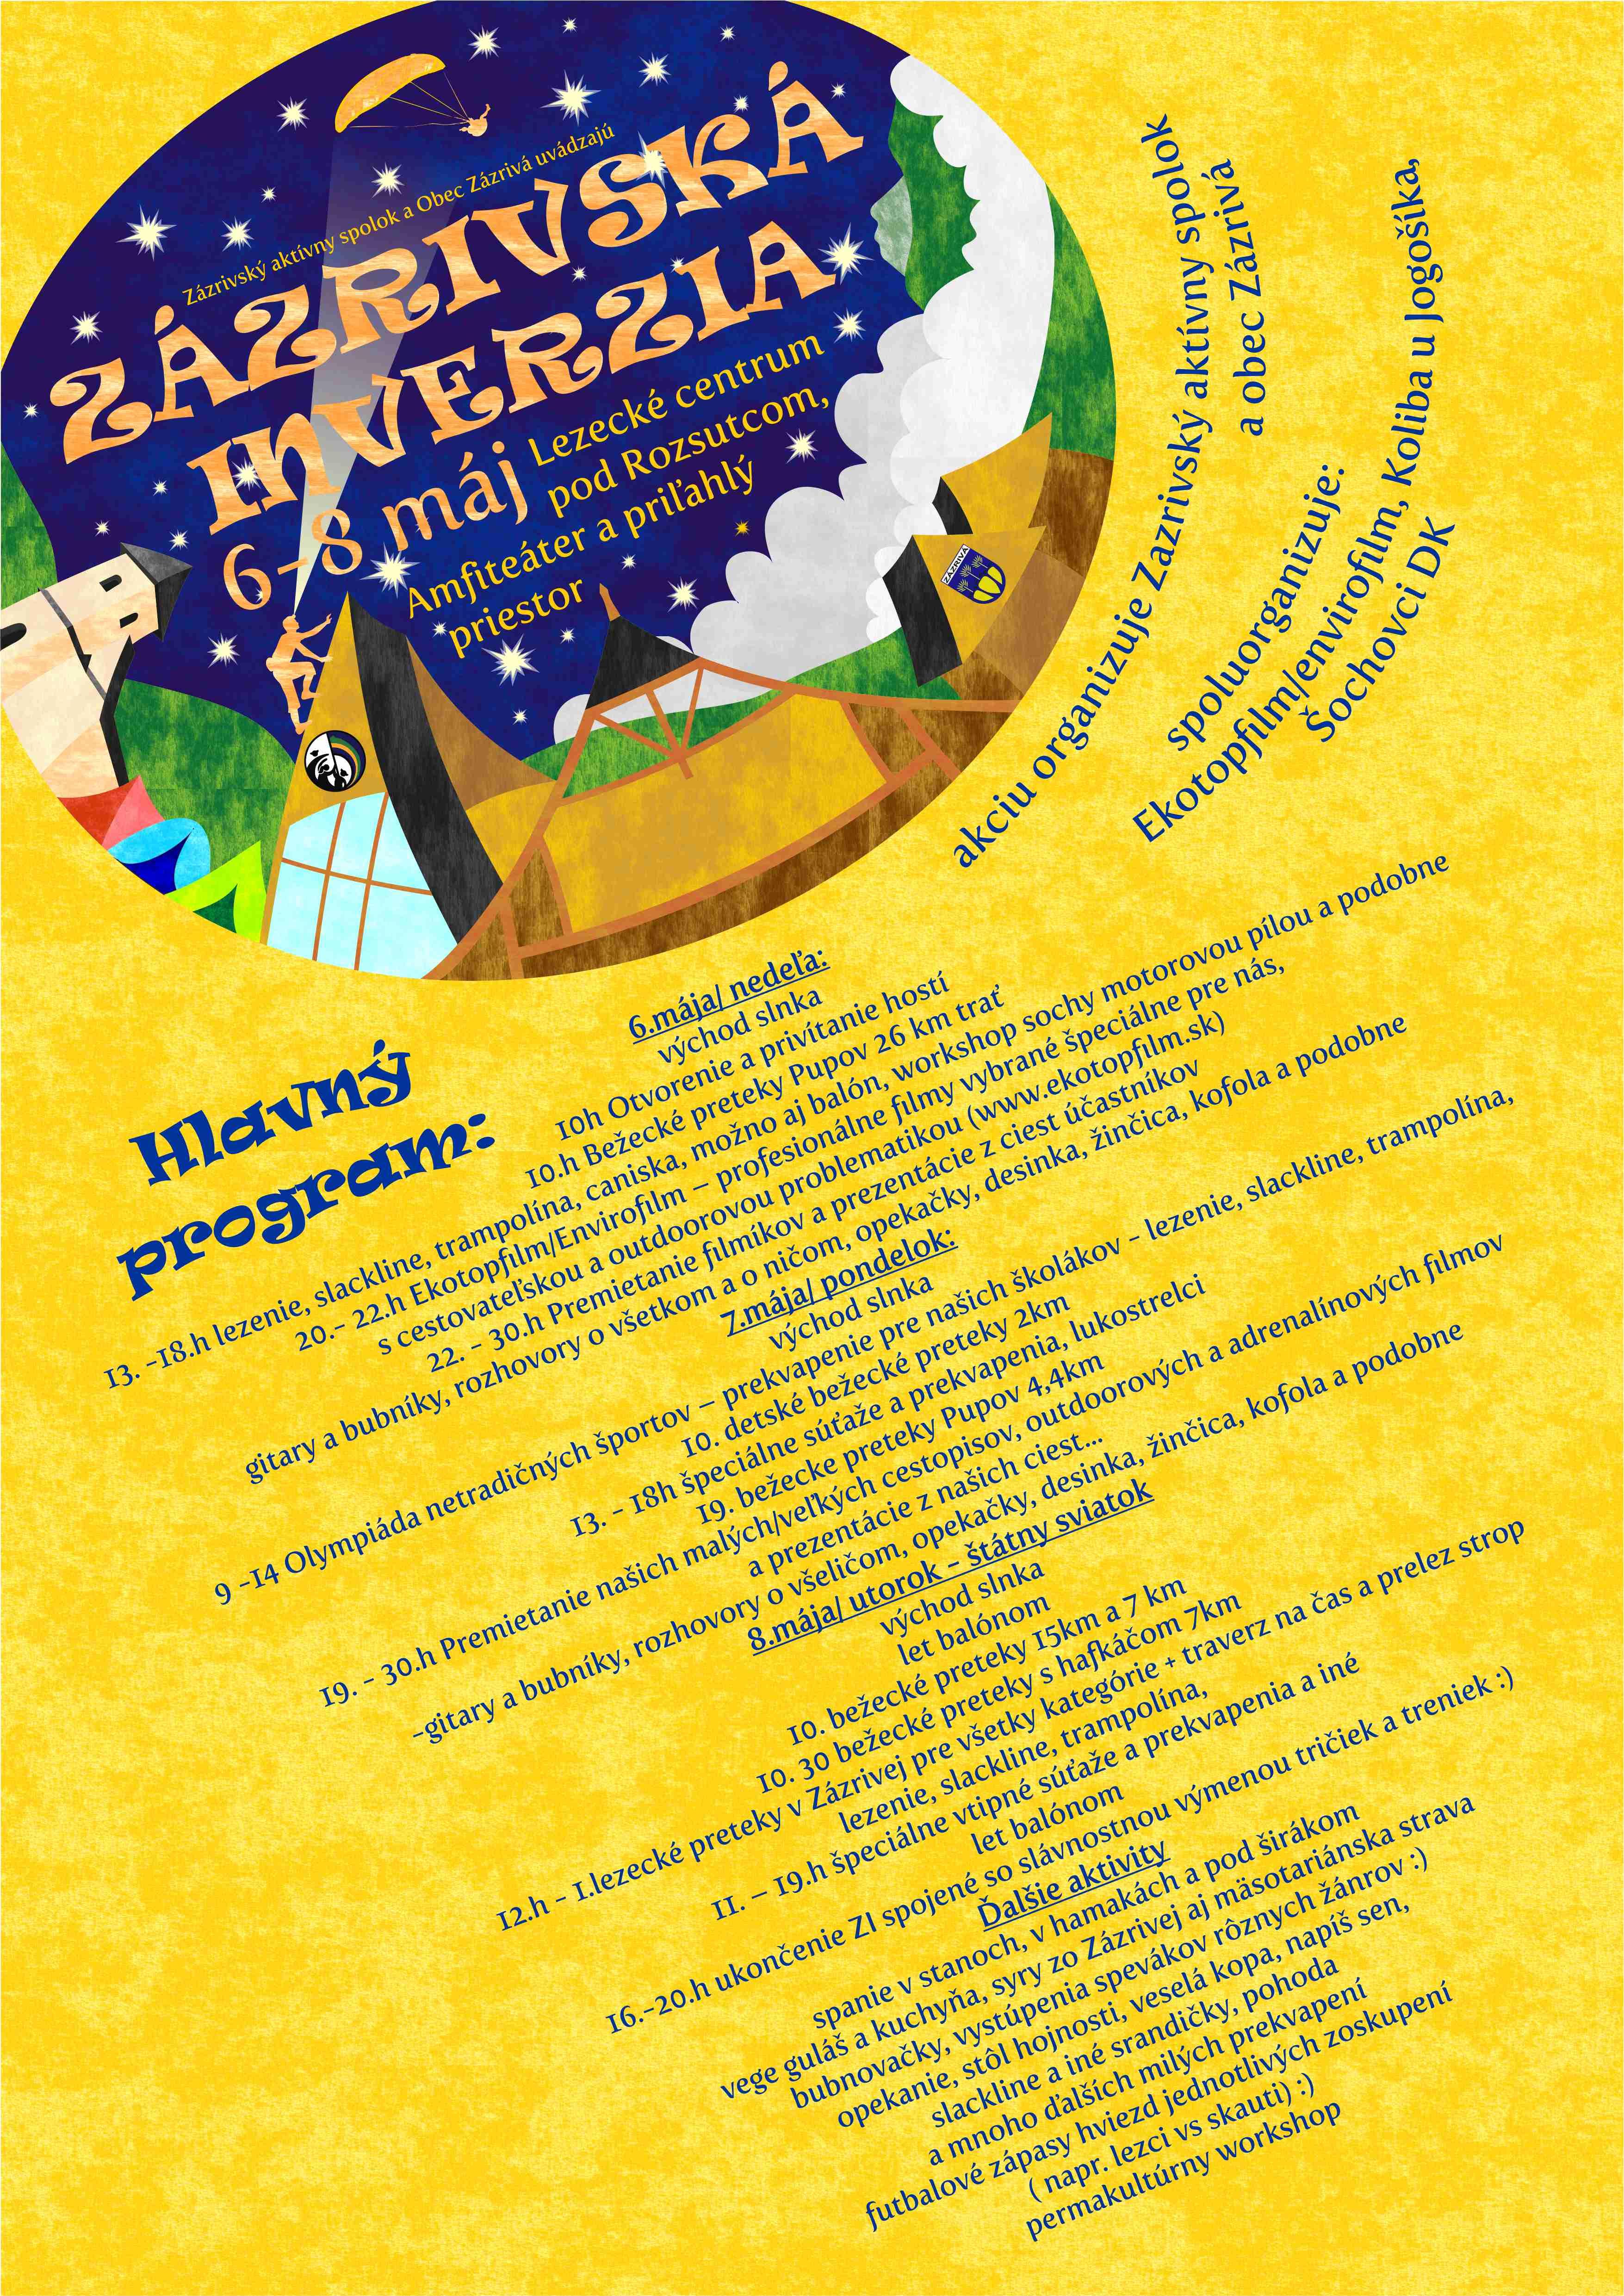 Zazrivska Inverzia program 2018